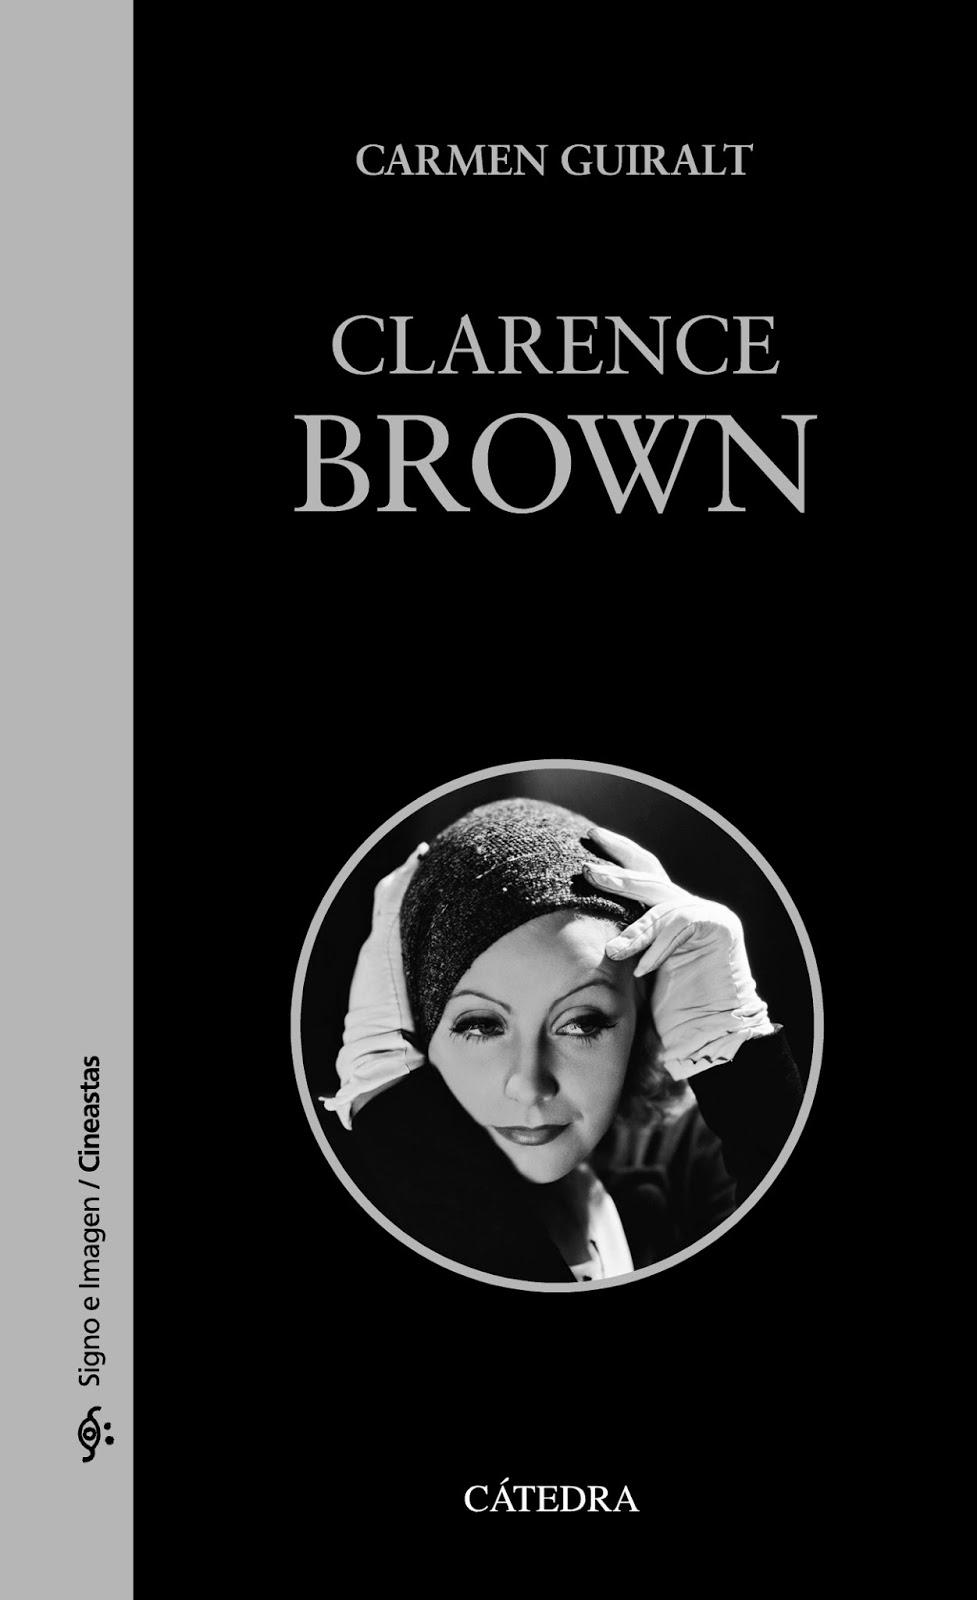 """09d4d66e71 Crítica de """"Clarence Brown"""" (Carmen Guiralt) por Iván Suárez Martínez"""